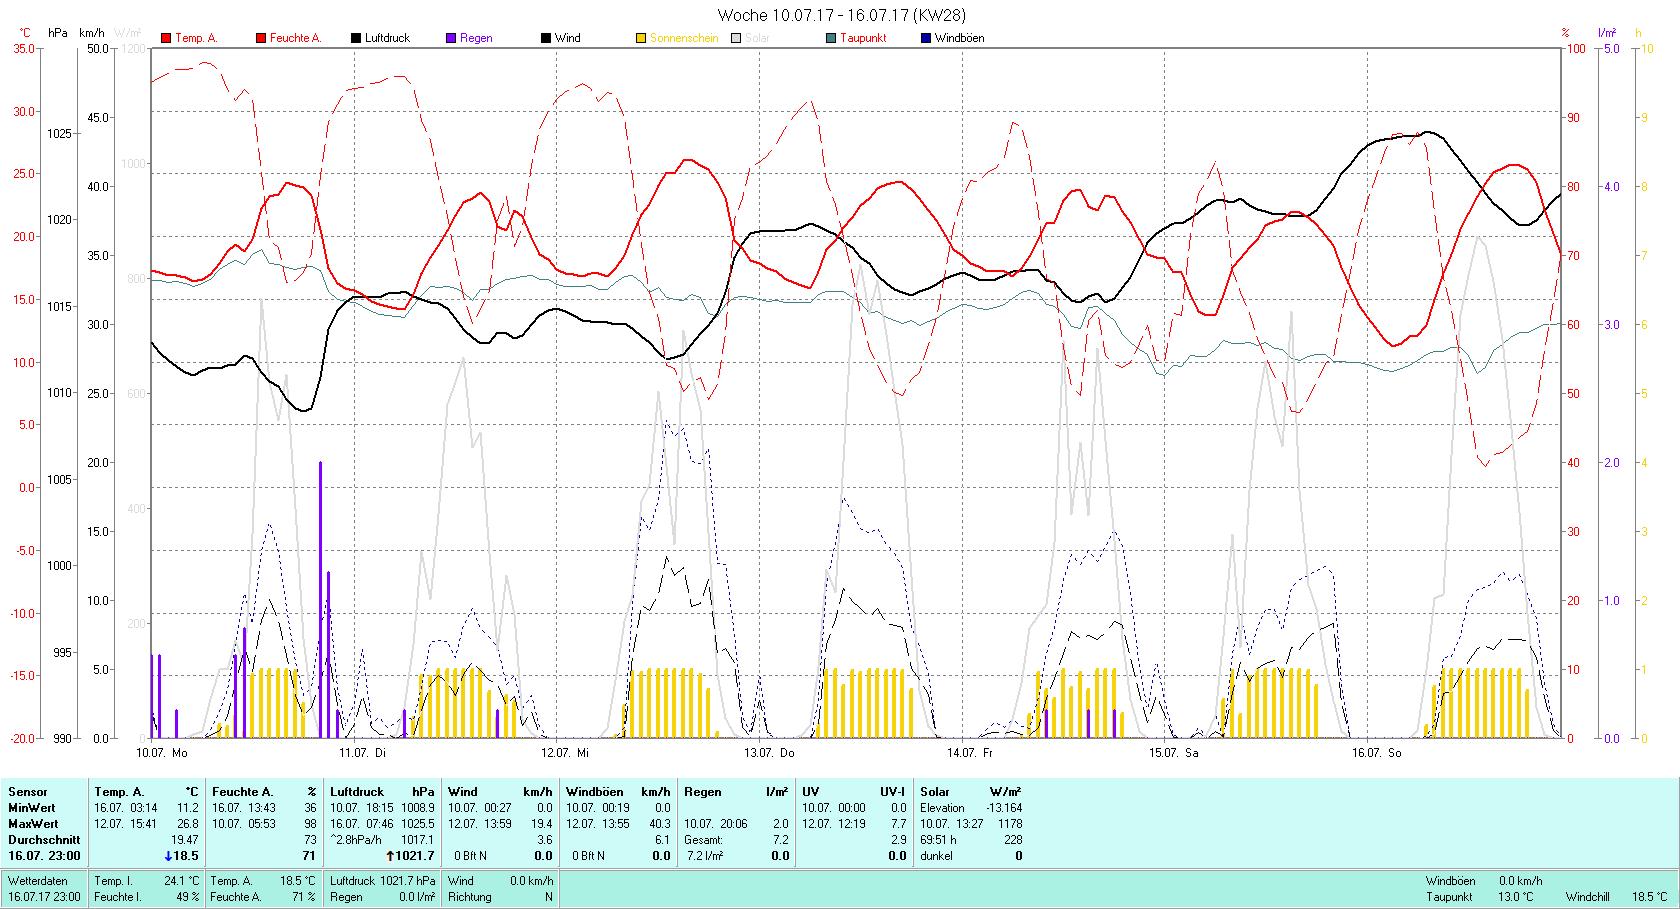 KW 28 Tmin 11.2°C, Tmax 26.8°C, Sonne 69:51 h Niederschlag 7.2 mm2